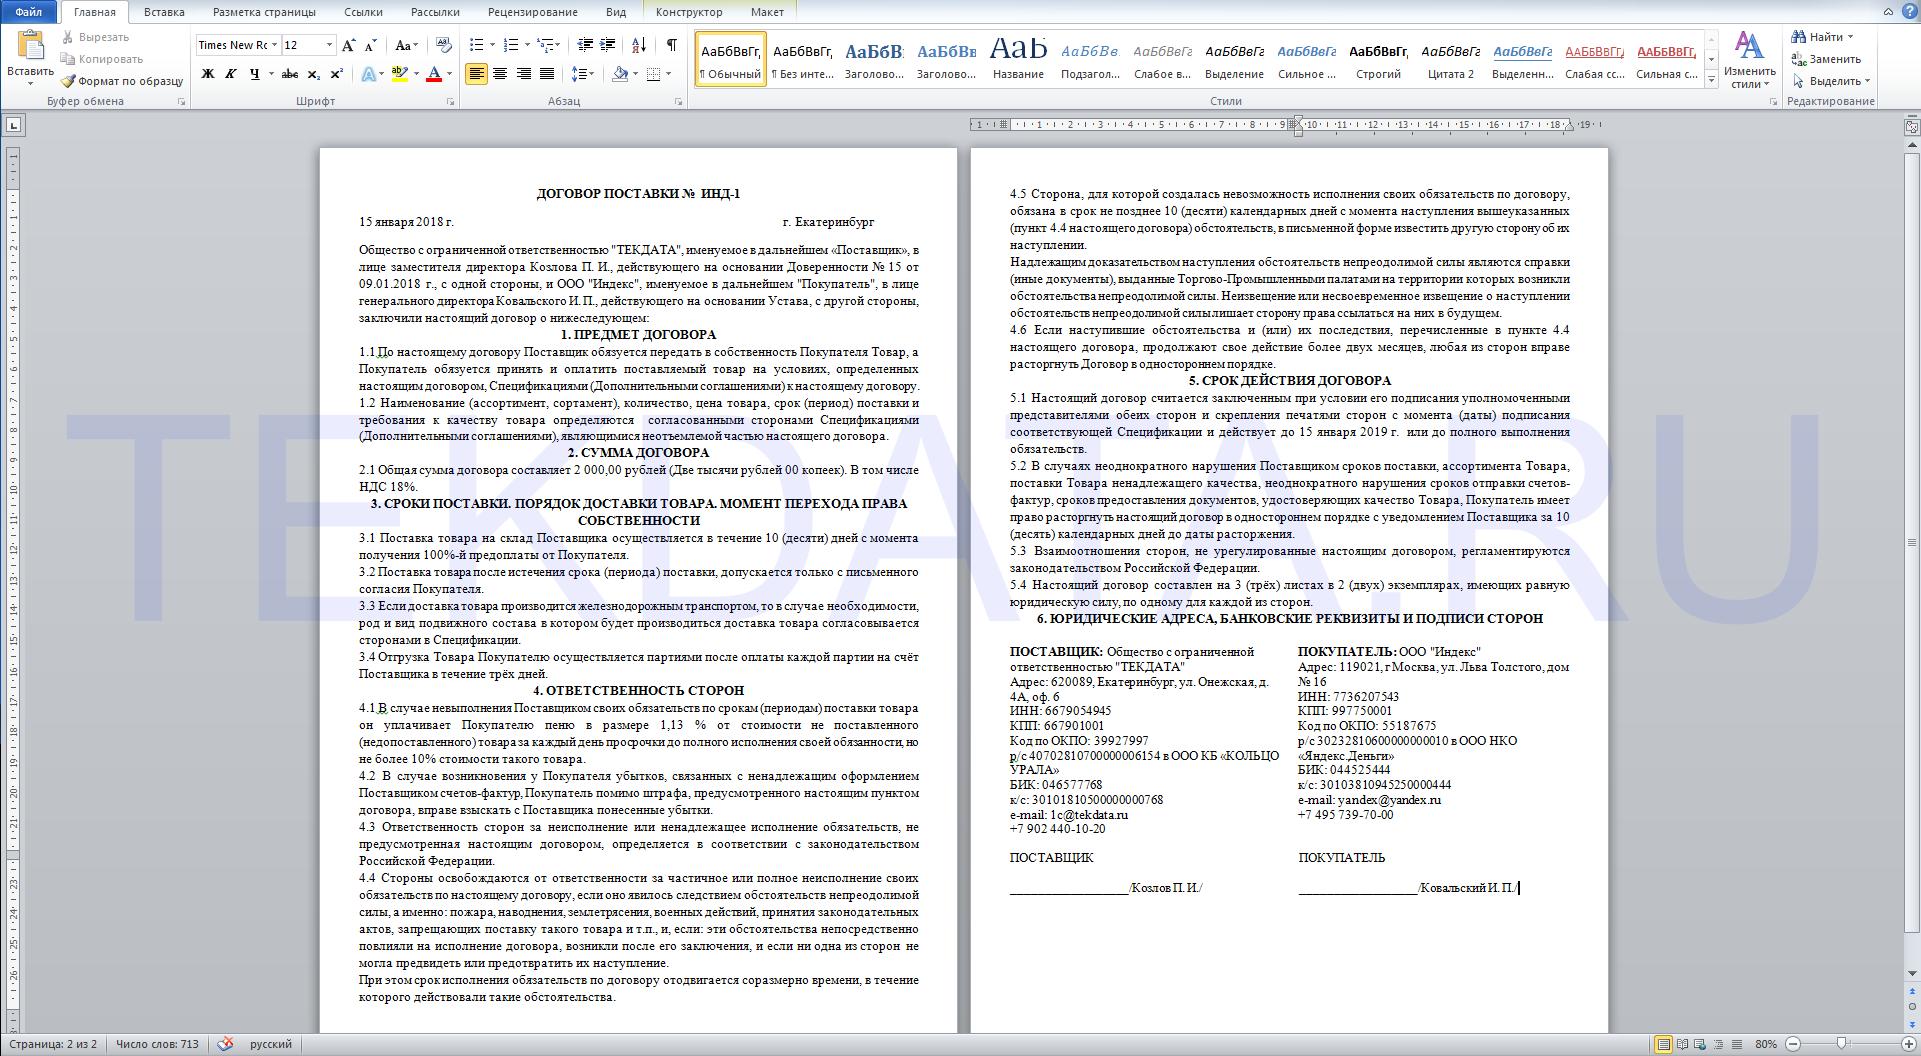 Универсальная печатная форма договора в формате Word с выводом доп. реквизитов для 1С:УТ 11.2